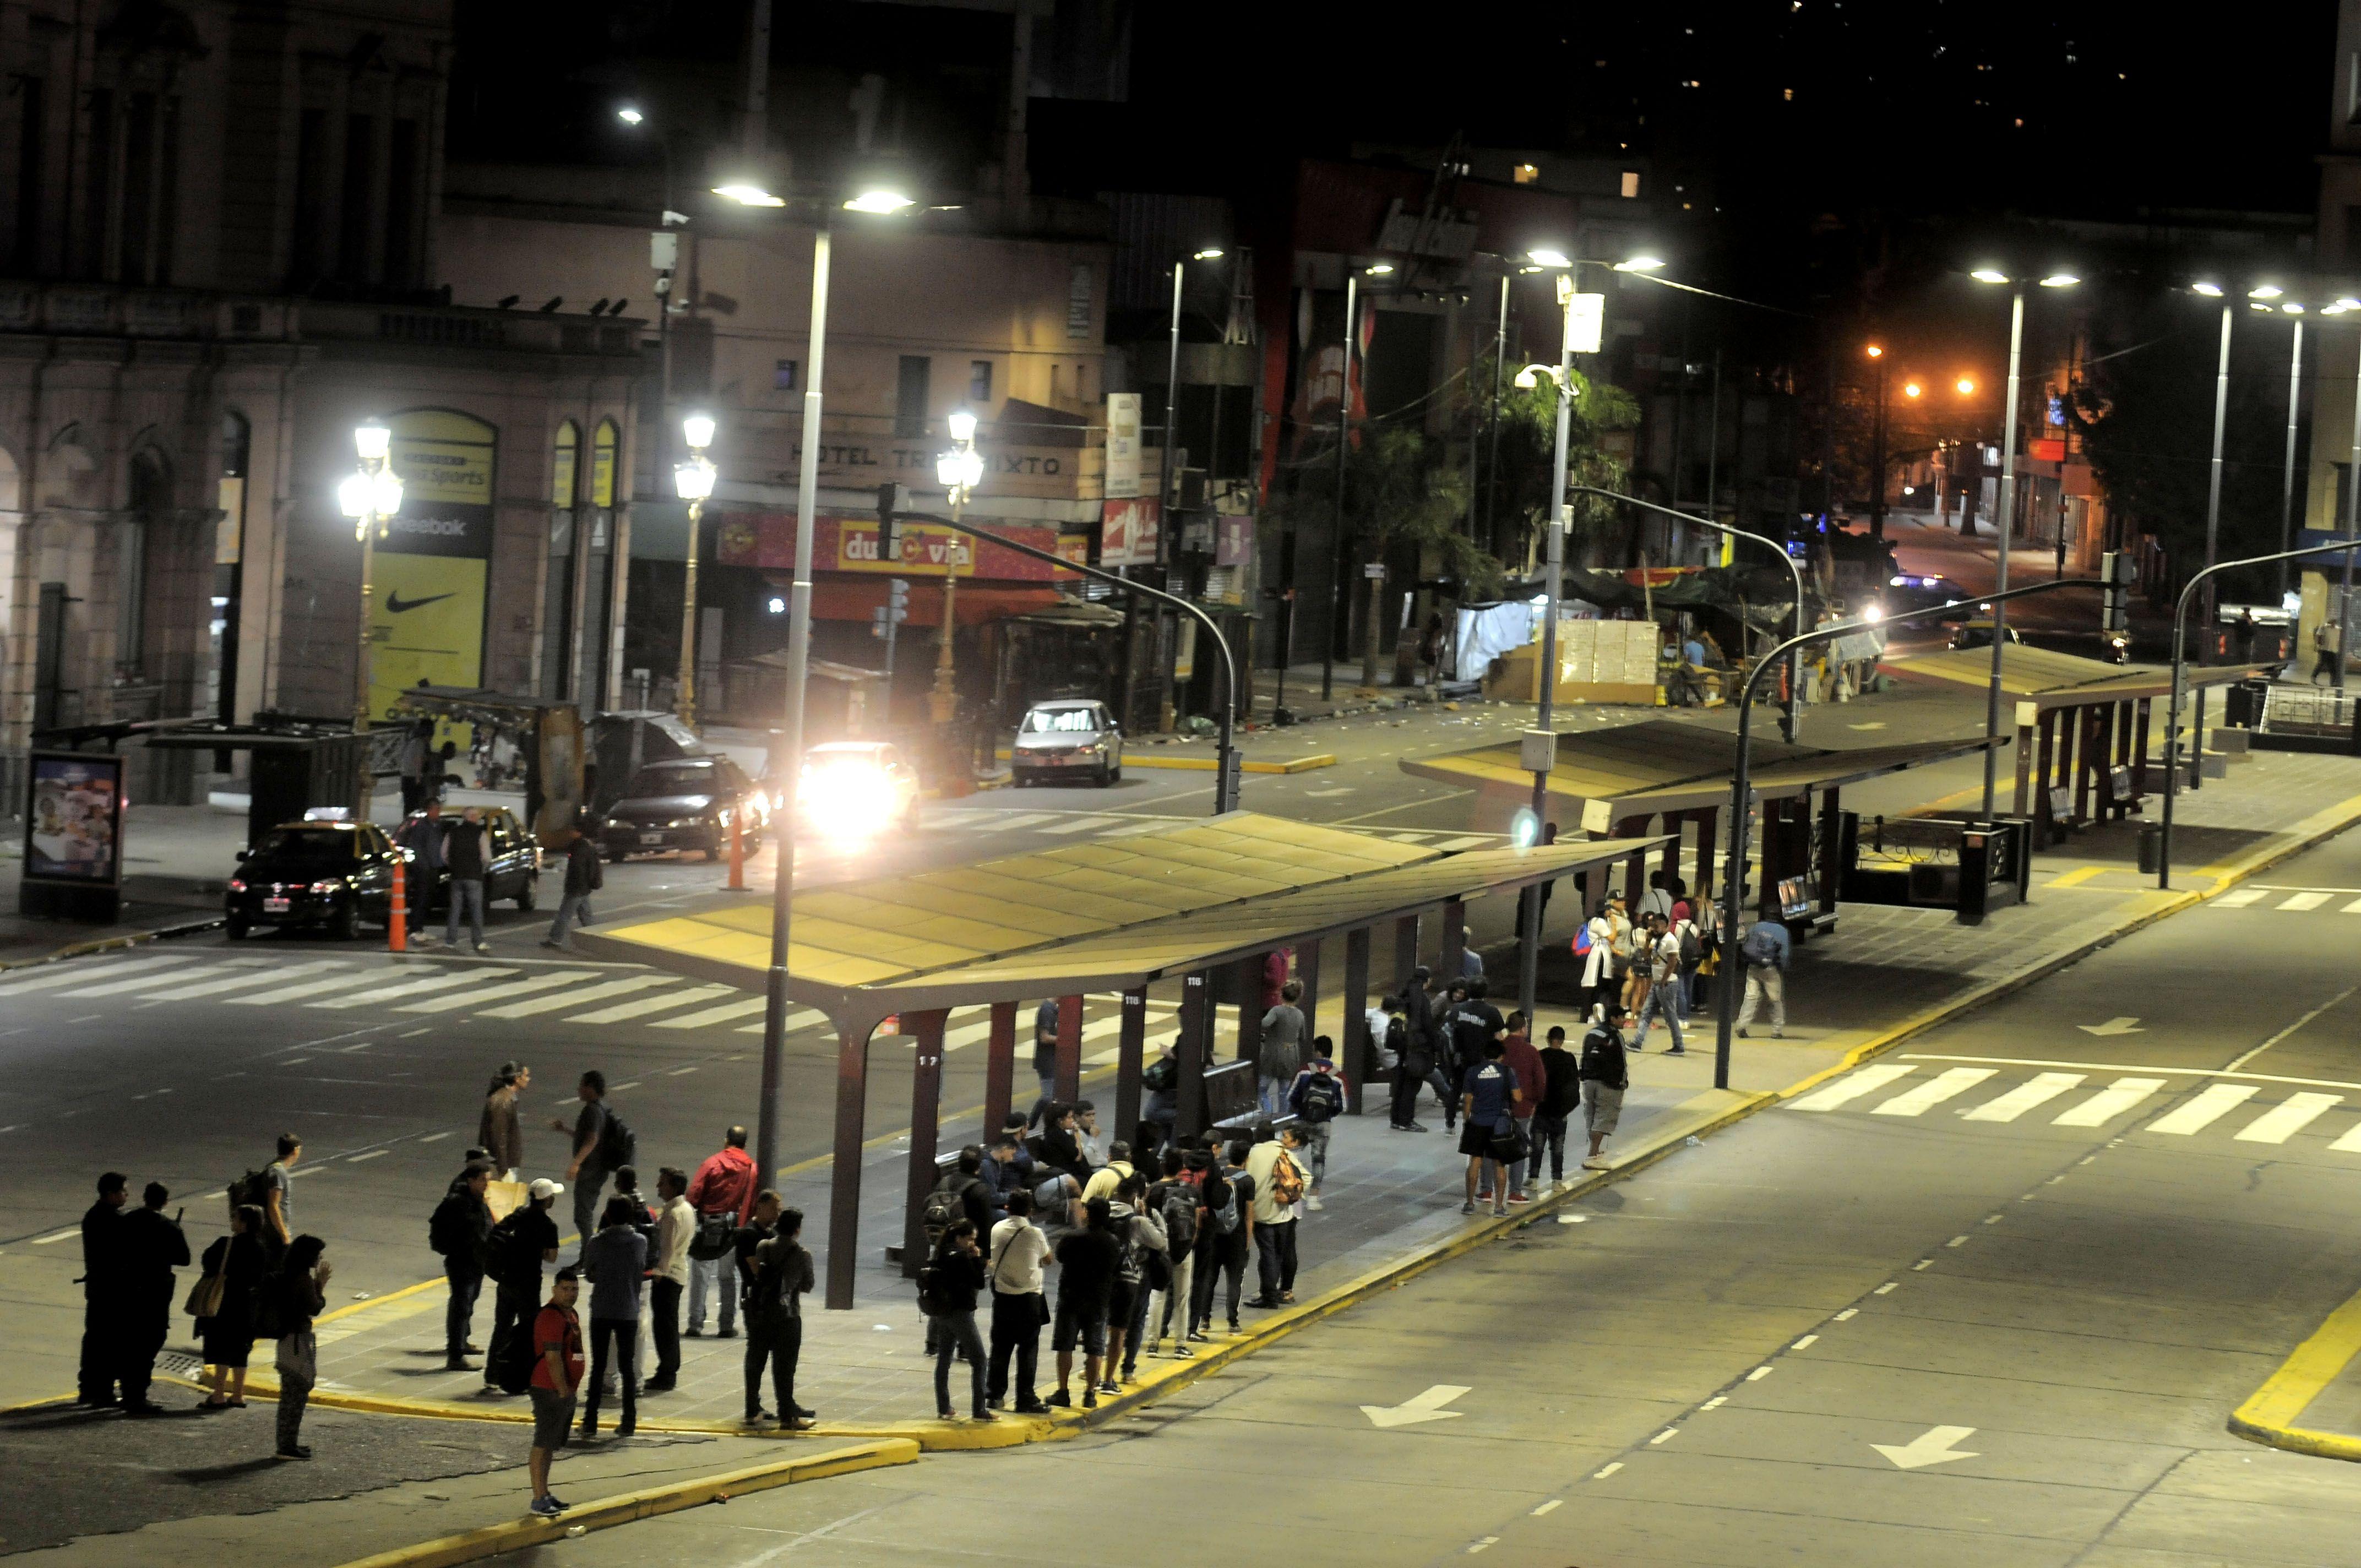 Algunos esperaban los últimos colectivos minutos antes de la medianoche